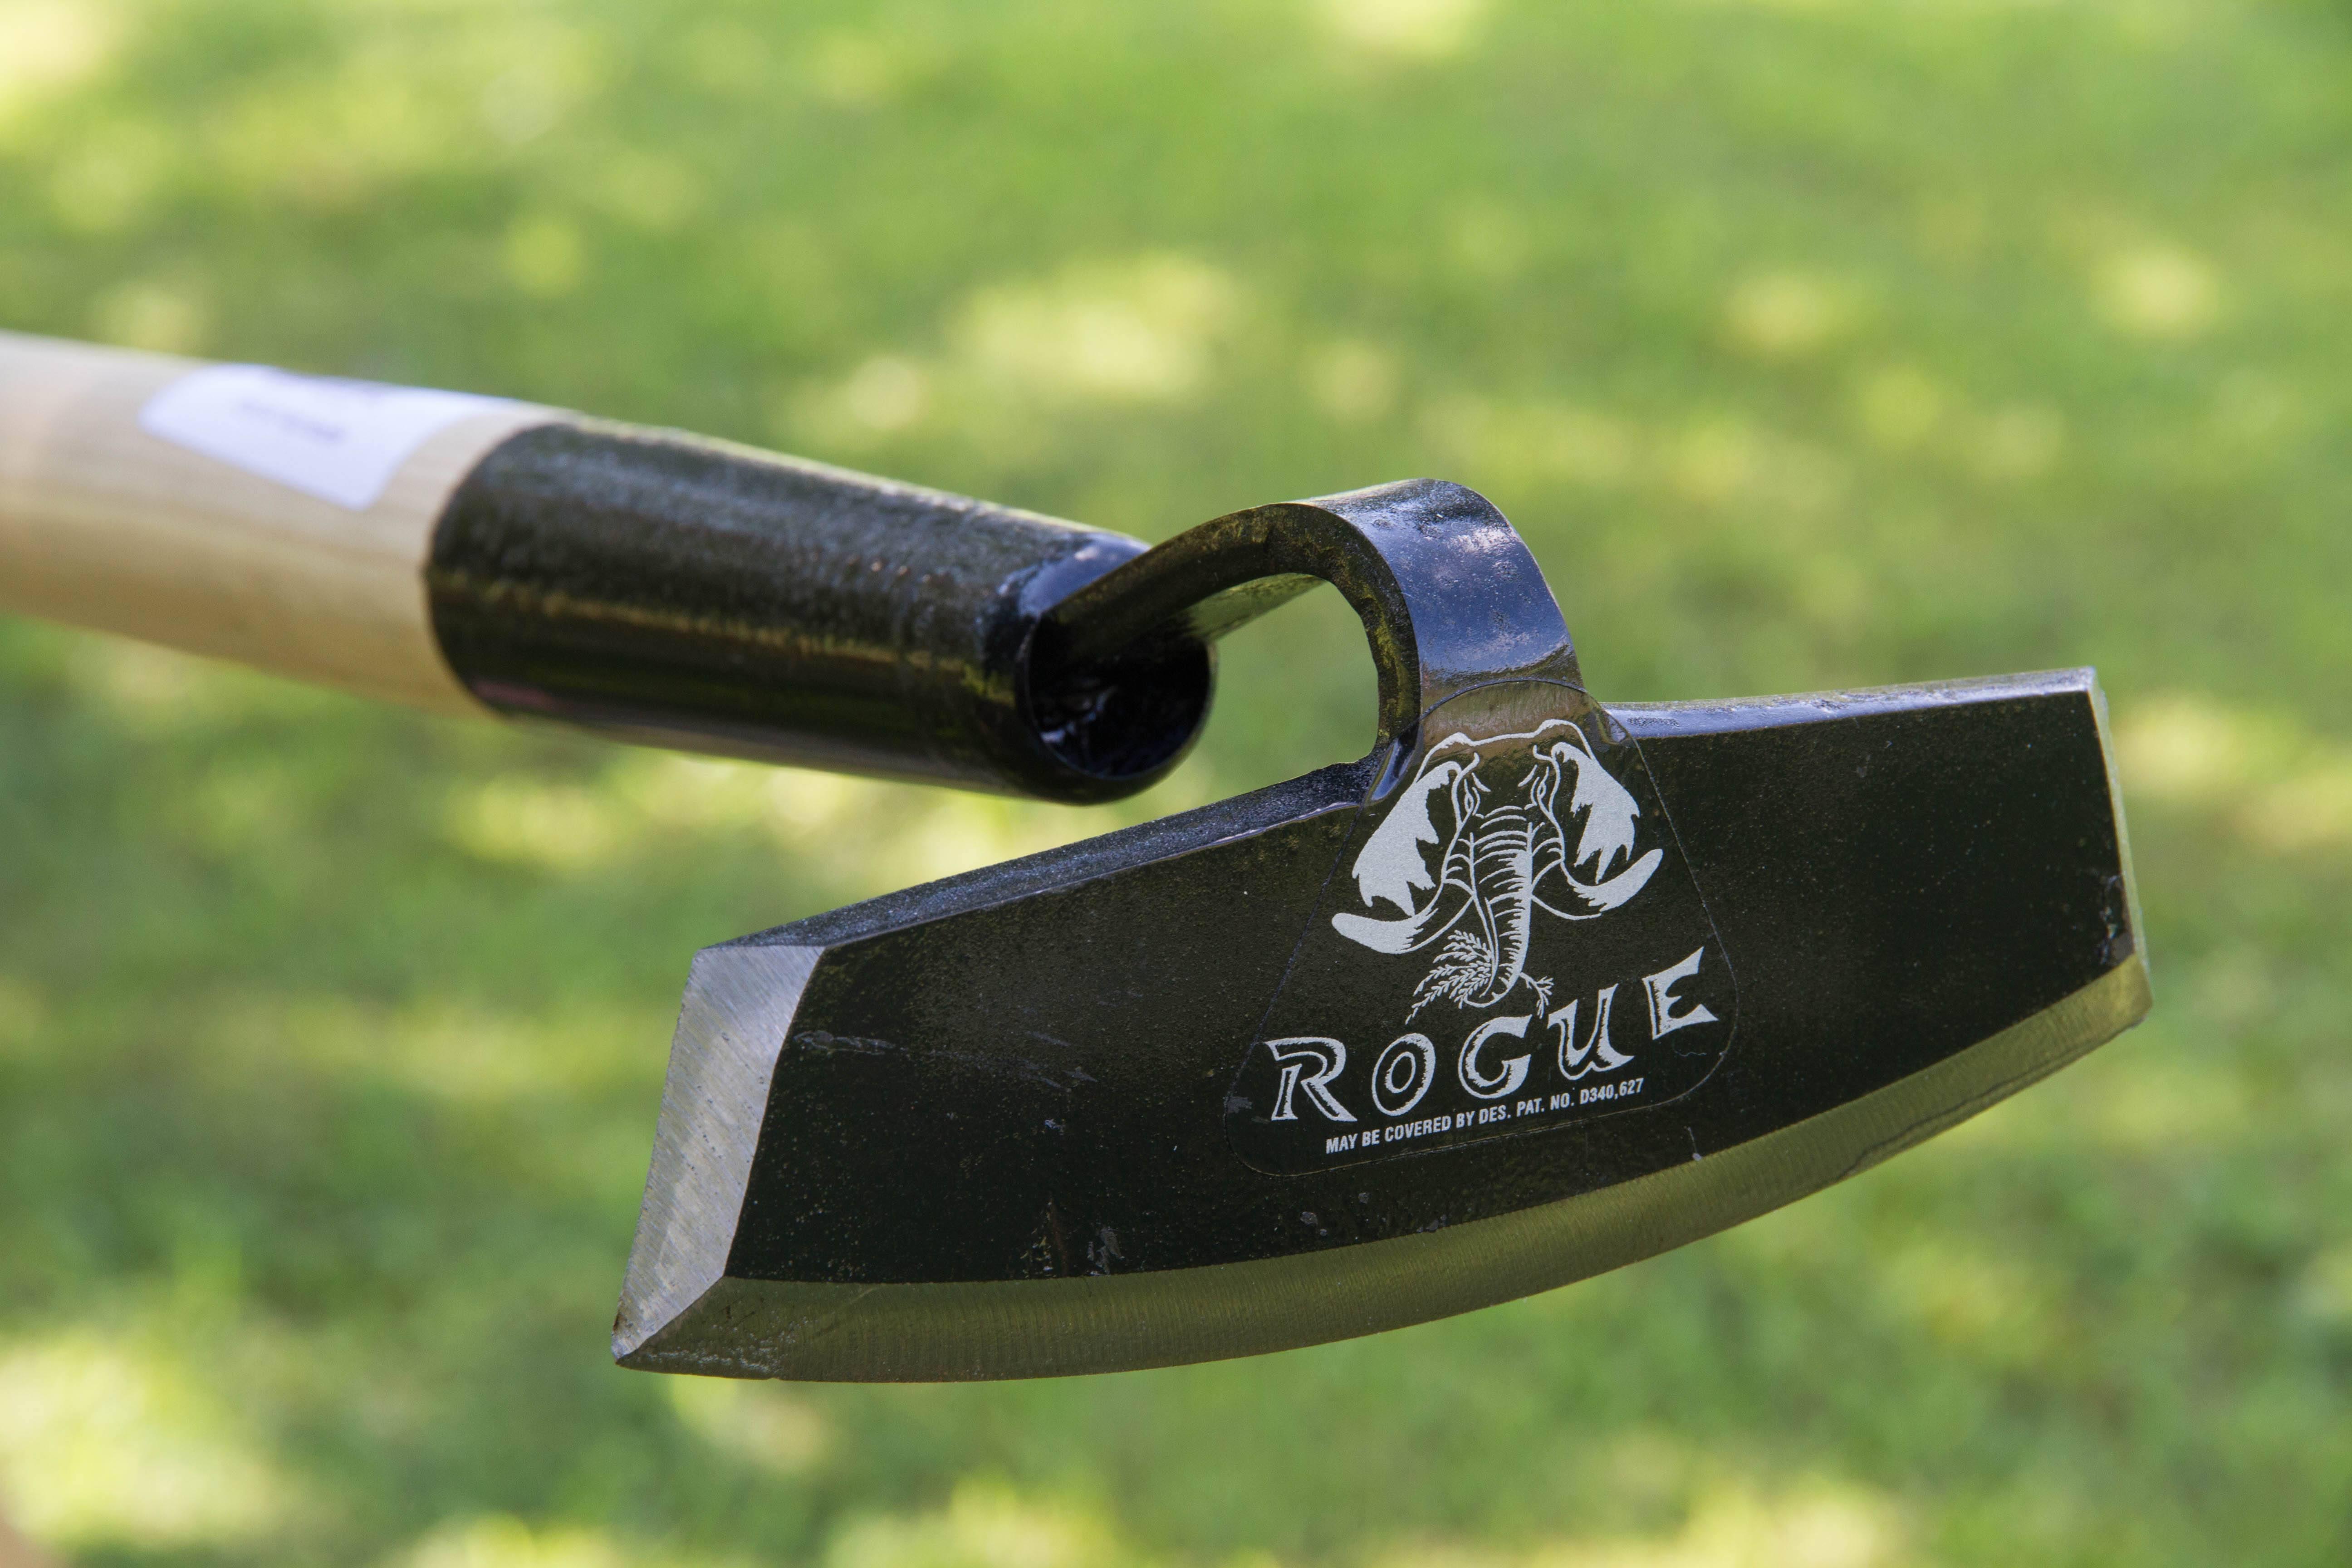 Rogue Hoe 575G